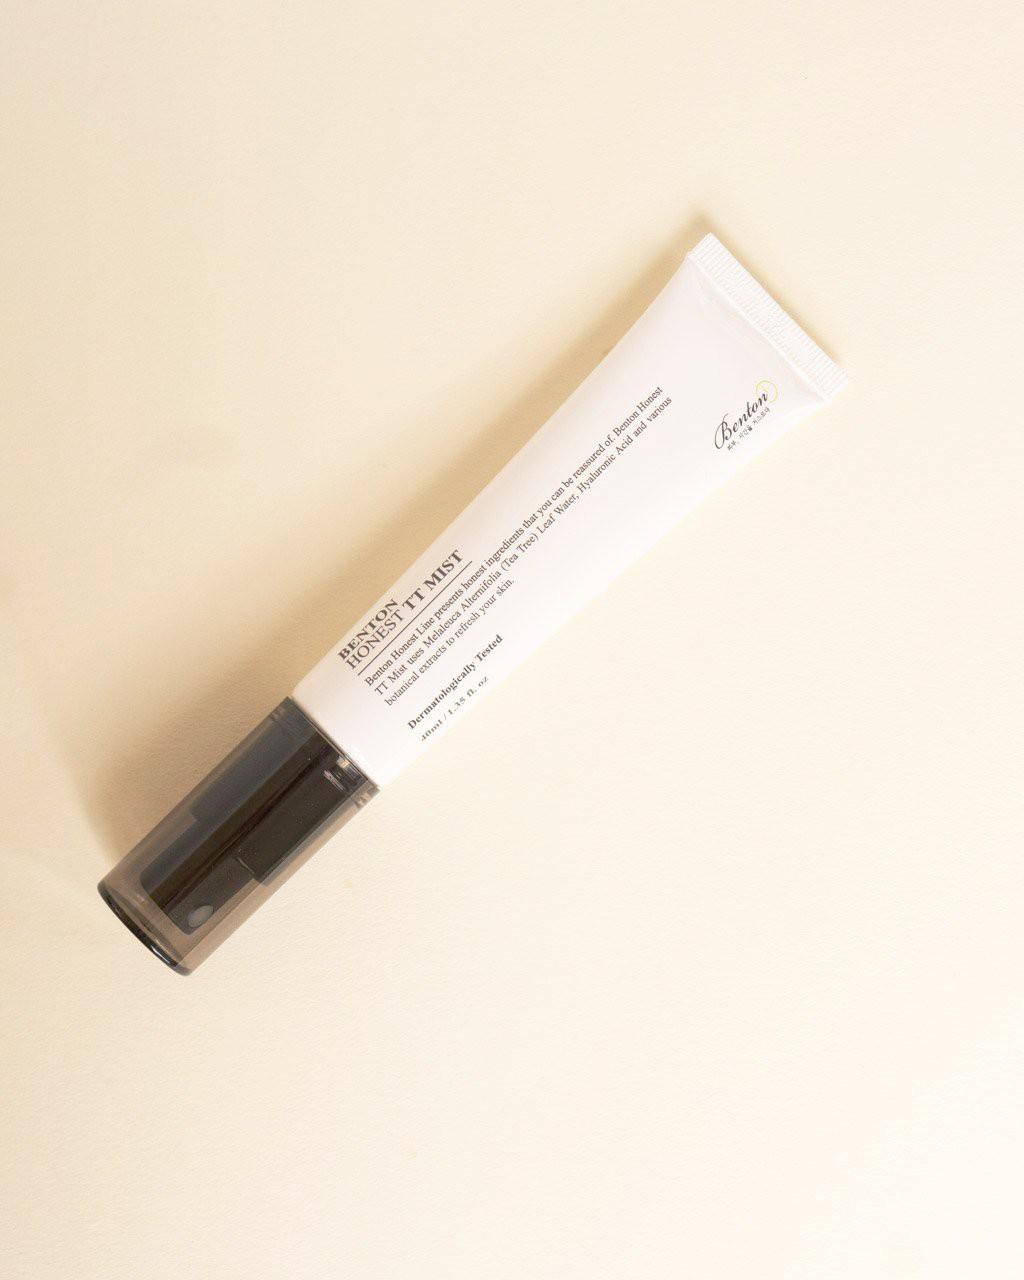 Được các beauty editor ca ngợi lên mây, đây là 7 món skincare Hàn Quốc chất lượng đỉnh cao mà bạn nhất định phải thử năm nay - Ảnh 5.